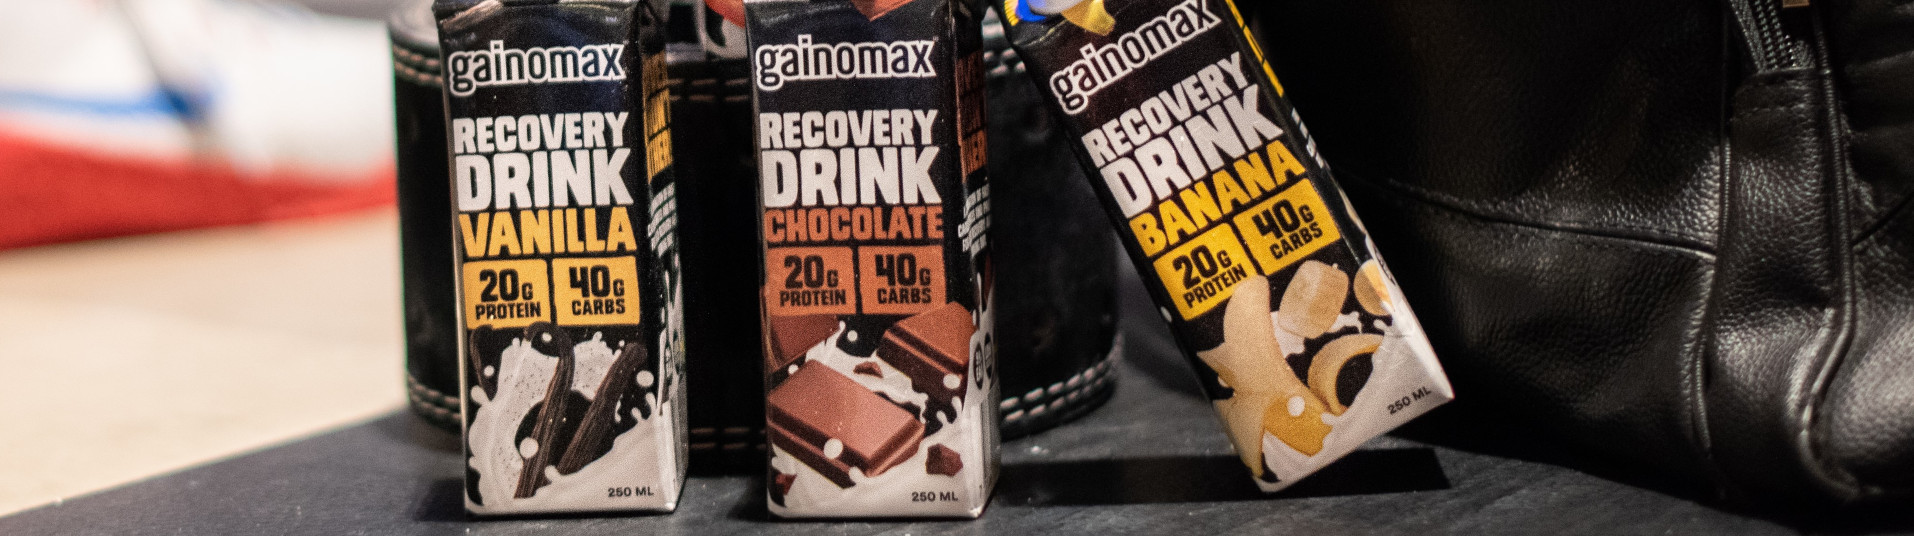 Gainomax Choklad 25 TP